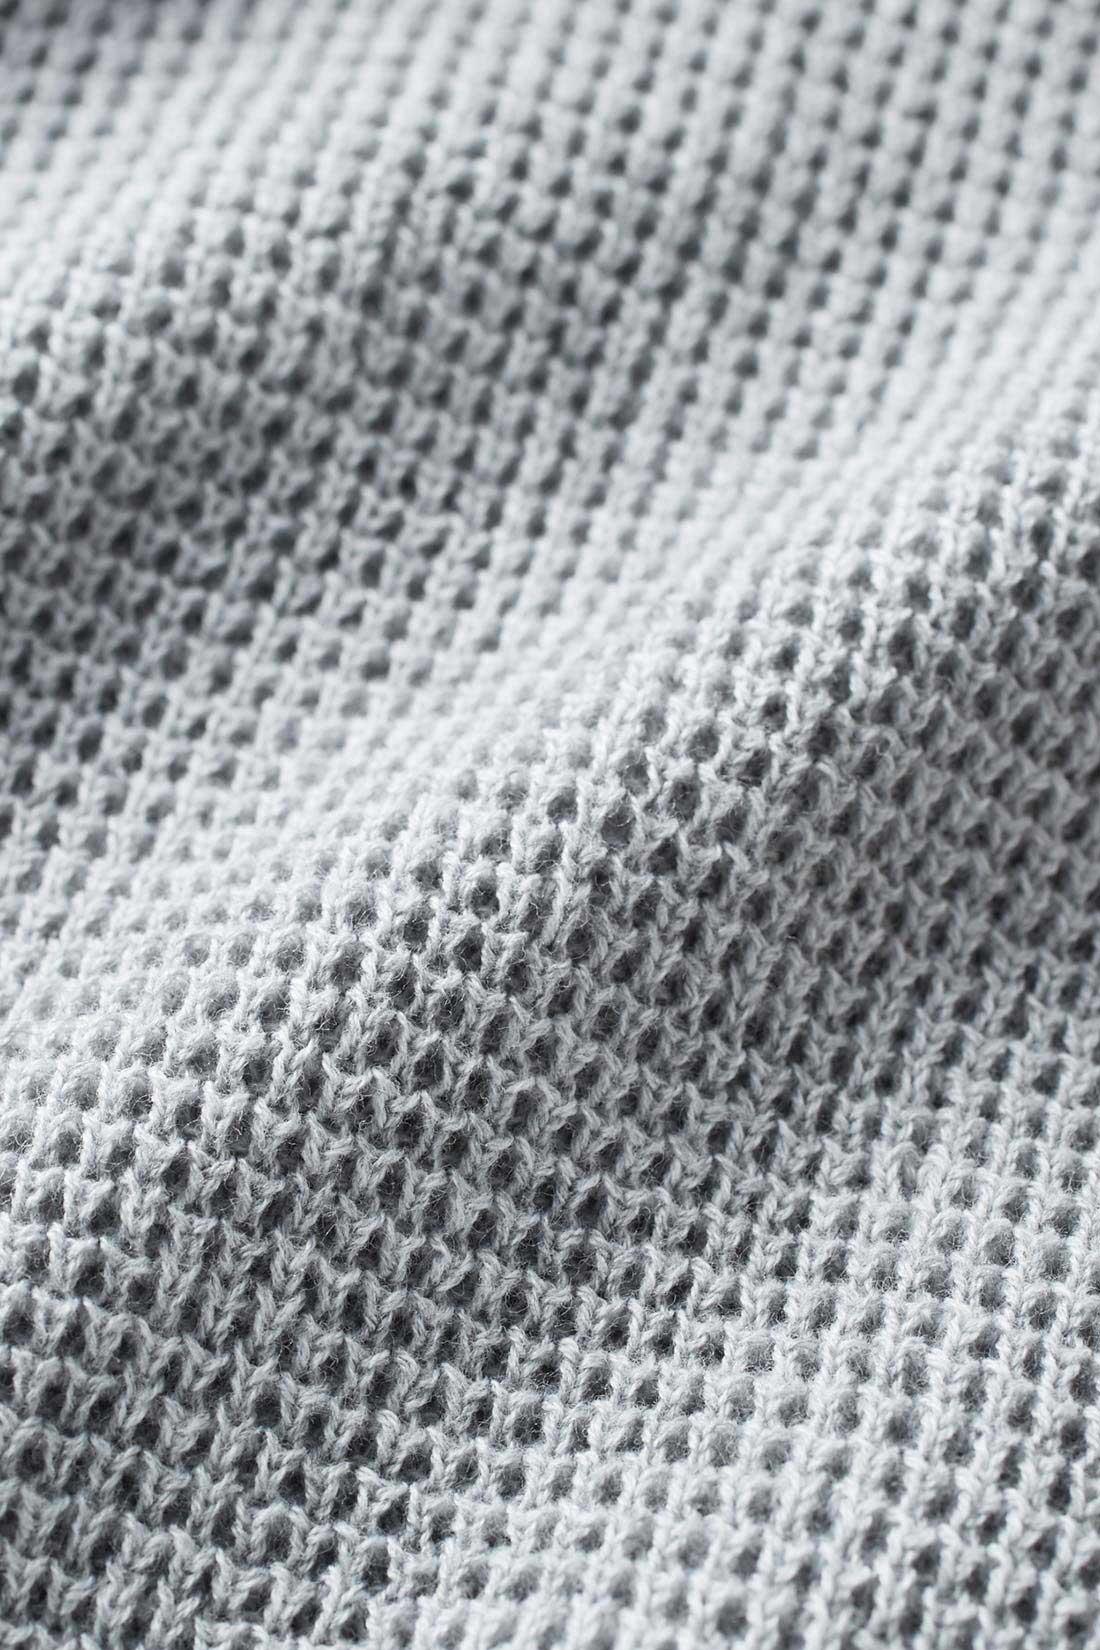 サーマル素材とは? サーマルとは本来「熱の」「温度の」などの意味を持つ、表面がワッフル状の凹凸のある編み素材のことで、着用時は凹凸のくぼみに空気を含むため薄手でも保温性にすぐれているのが特徴です。